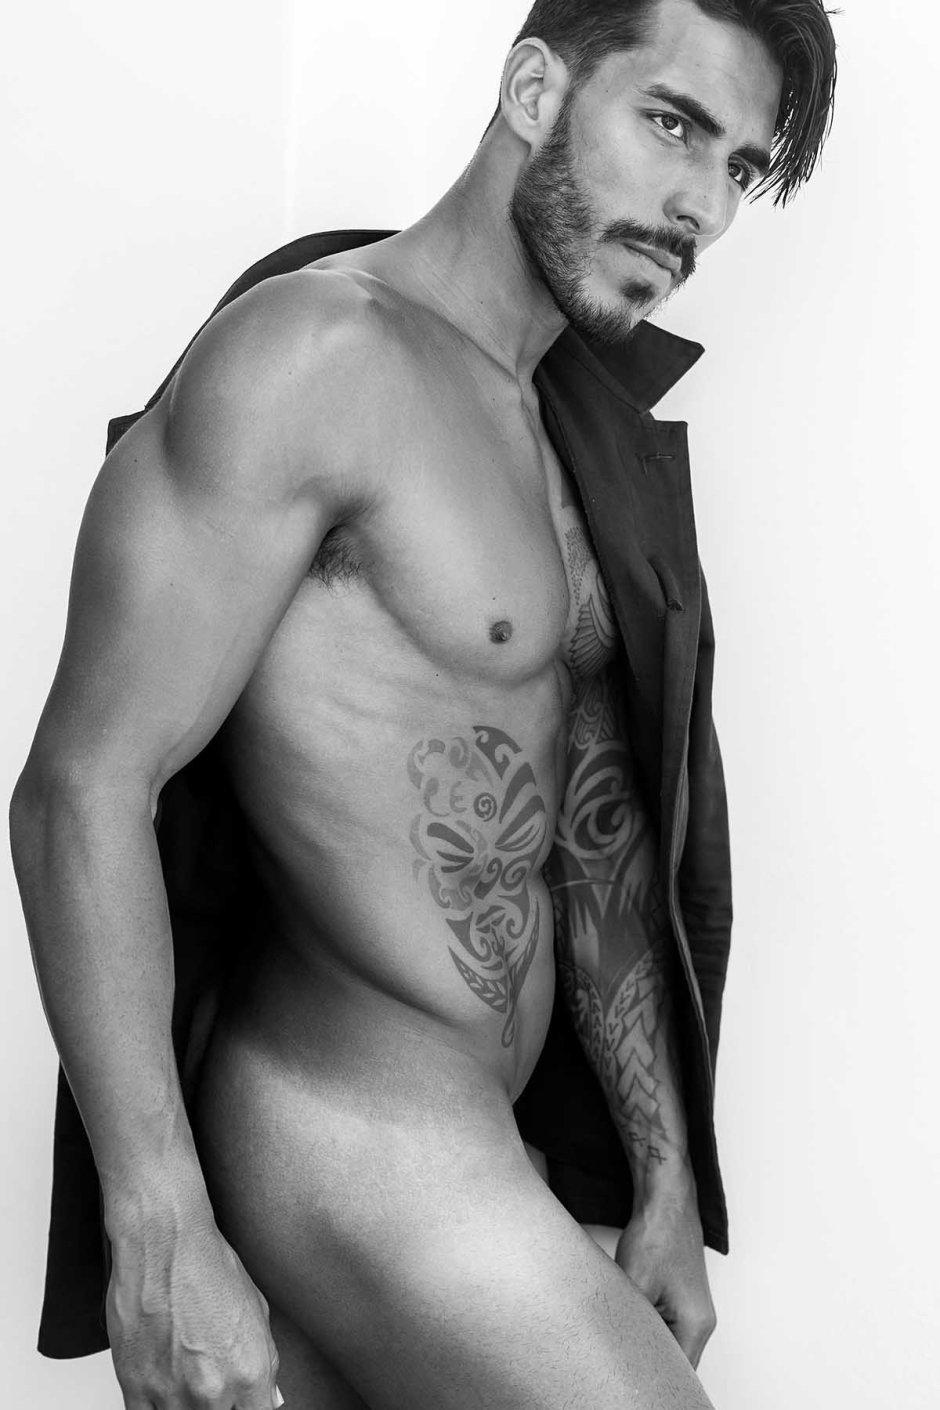 Paulo Philippe by Thiago Martini for Brazilian Male Model_009